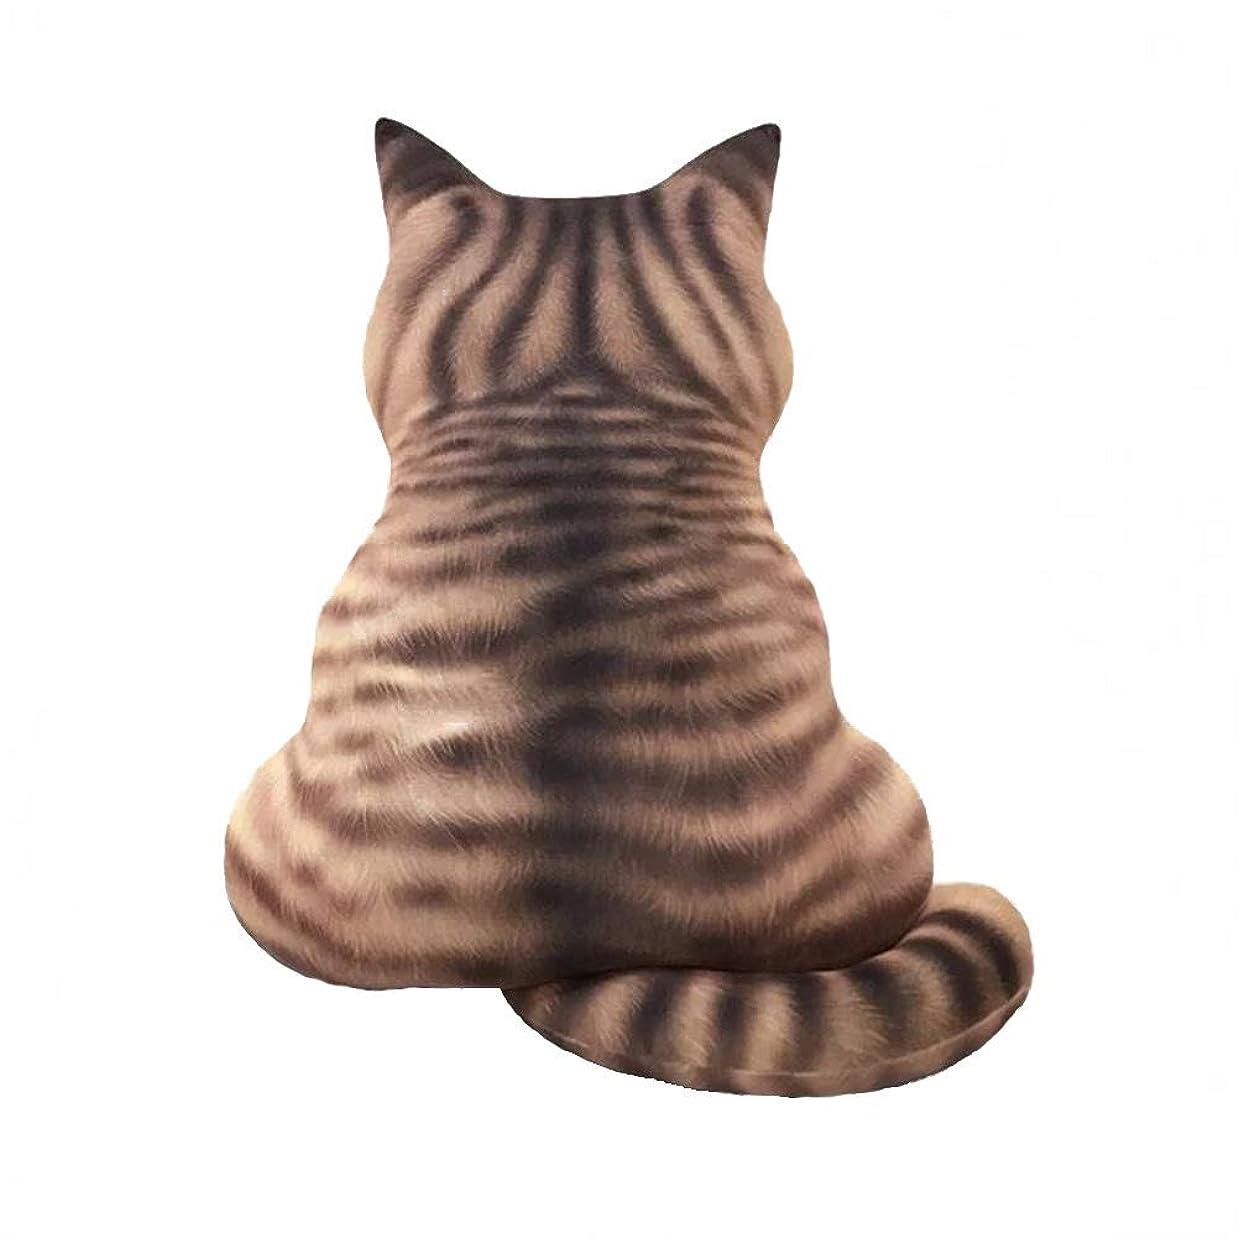 不適隣接傷つきやすいHomehalo 猫抱き枕 柔らかい カバー洗える ネコぬいぐるみ 可愛い 動物クッション 多機能 椅子 ソファー背当て 猫グッズ リアル抱きまくら もちもち抱き枕 インテリアぬいぐるみ お誕生日 クリスマスプレゼント (ブラウン, L)